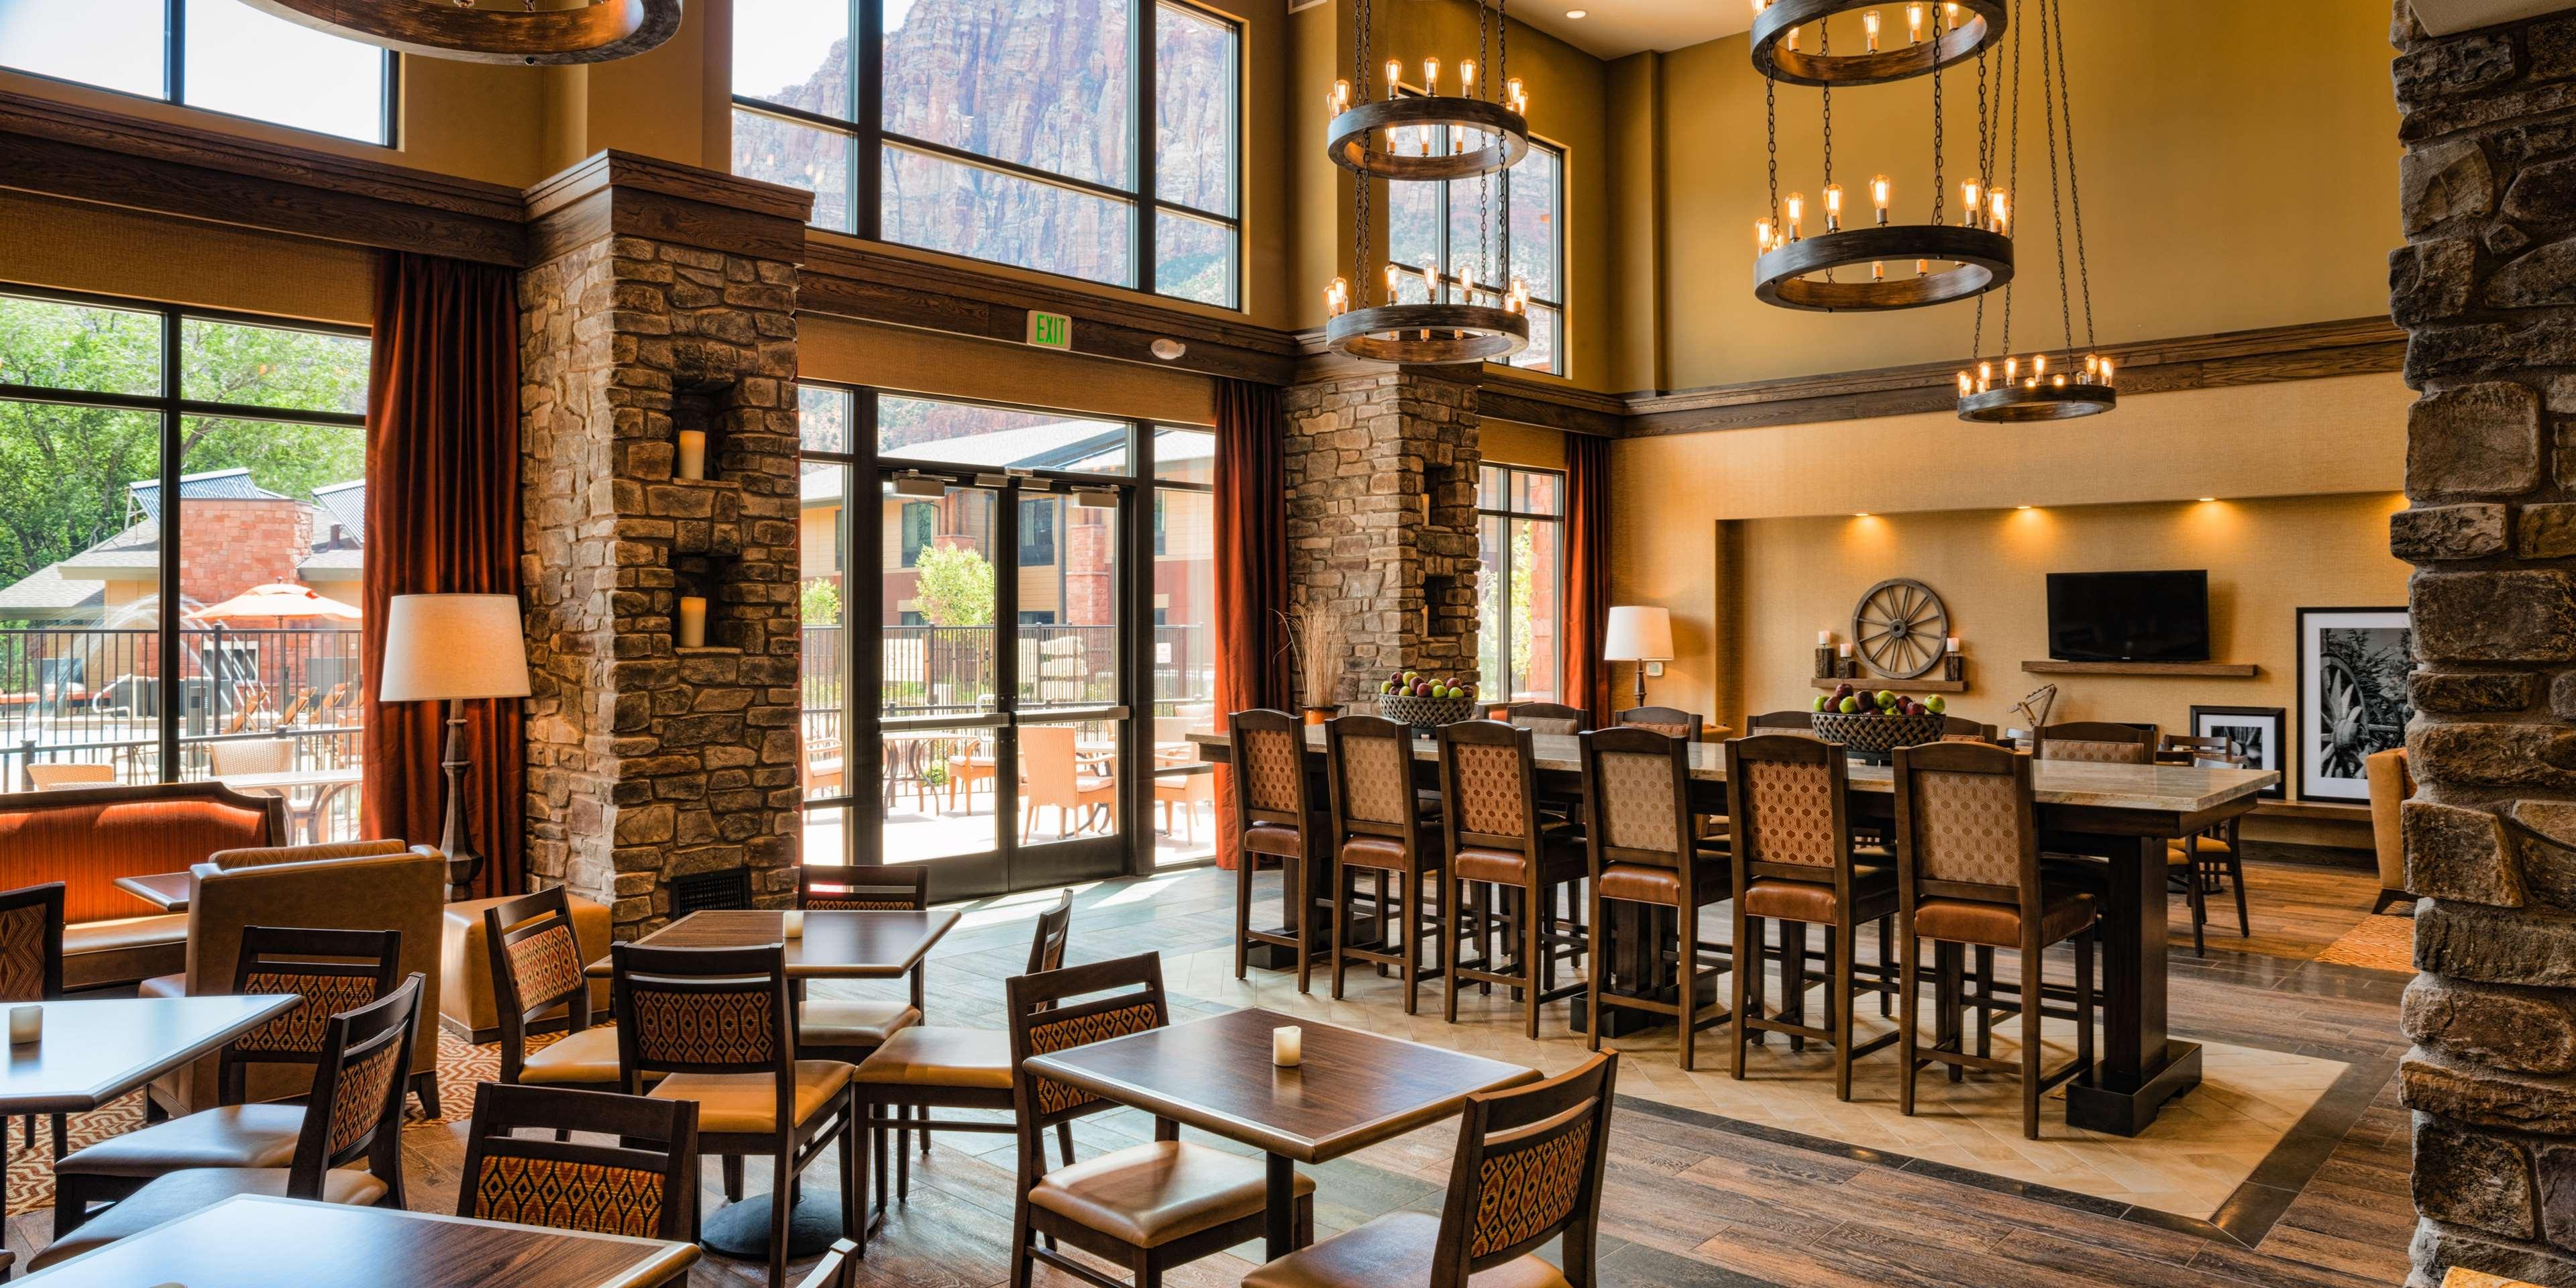 Hampton Inn & Suites Springdale/Zion National Park image 7